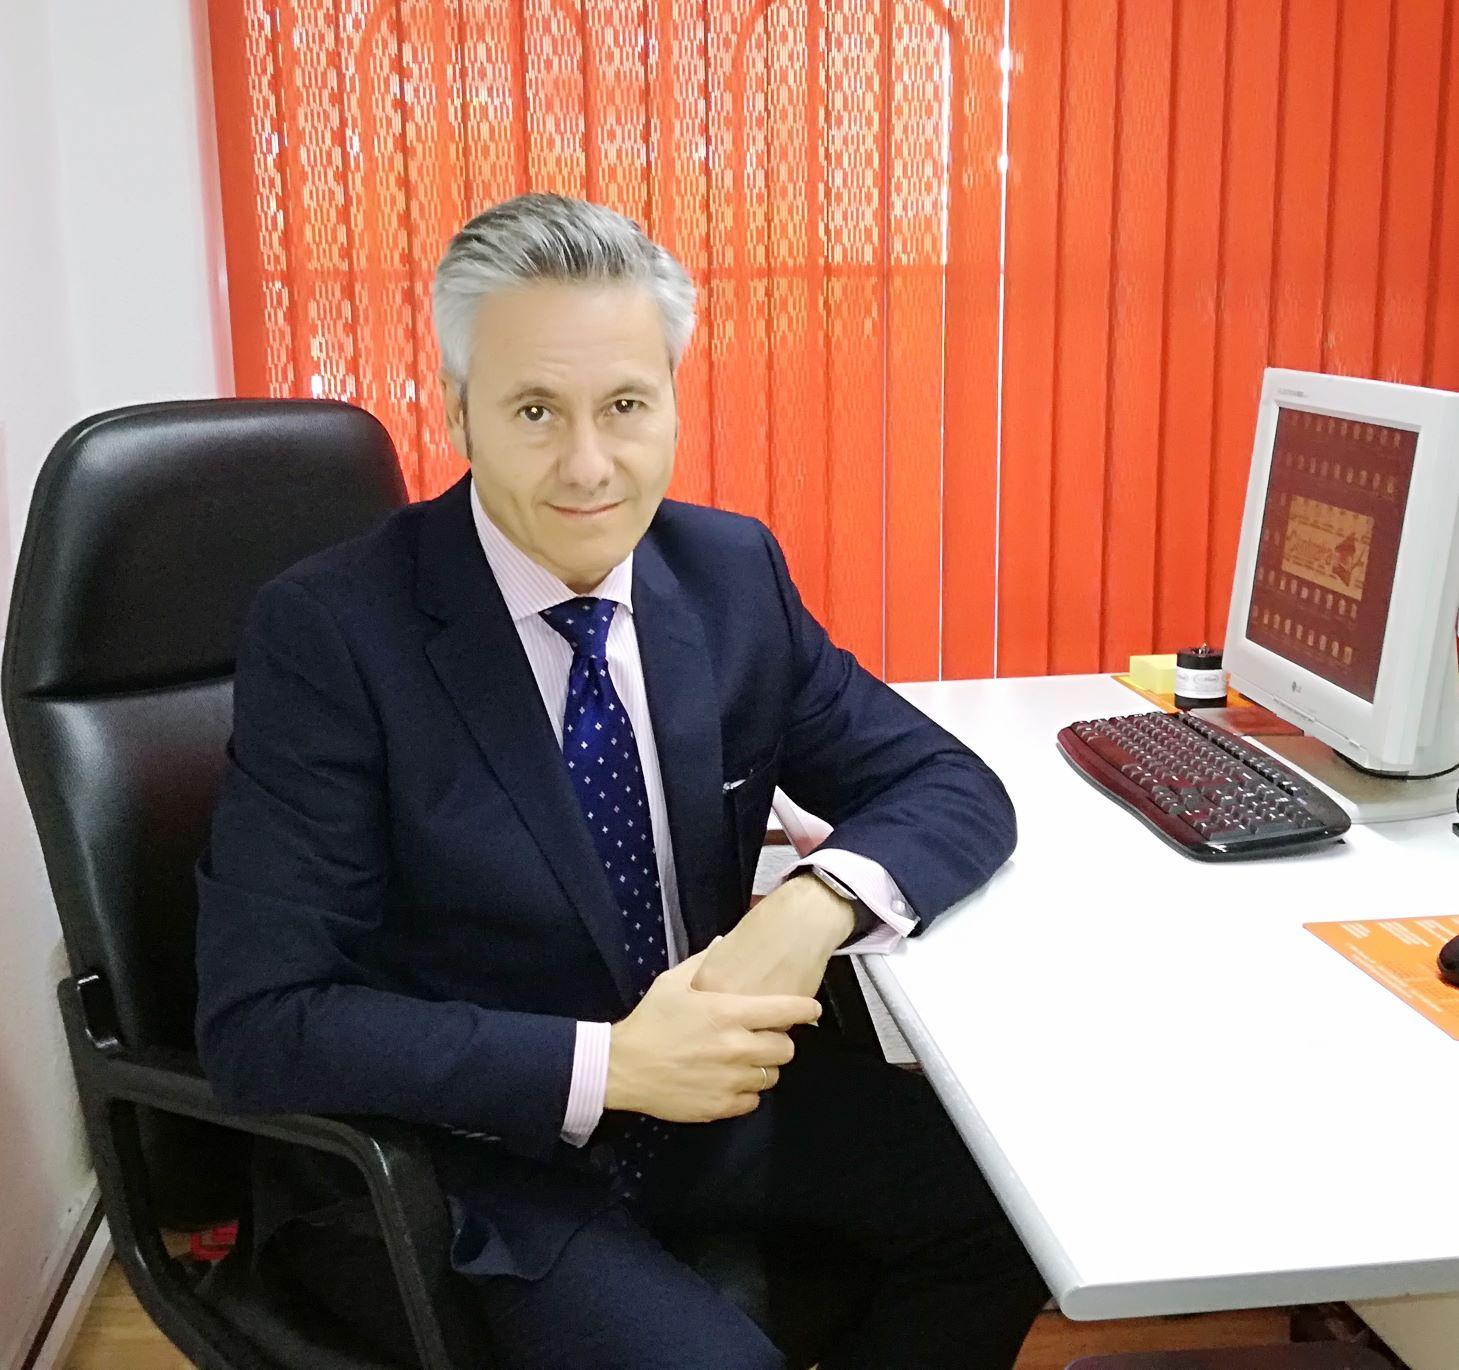 Rafael Vigil Díaz